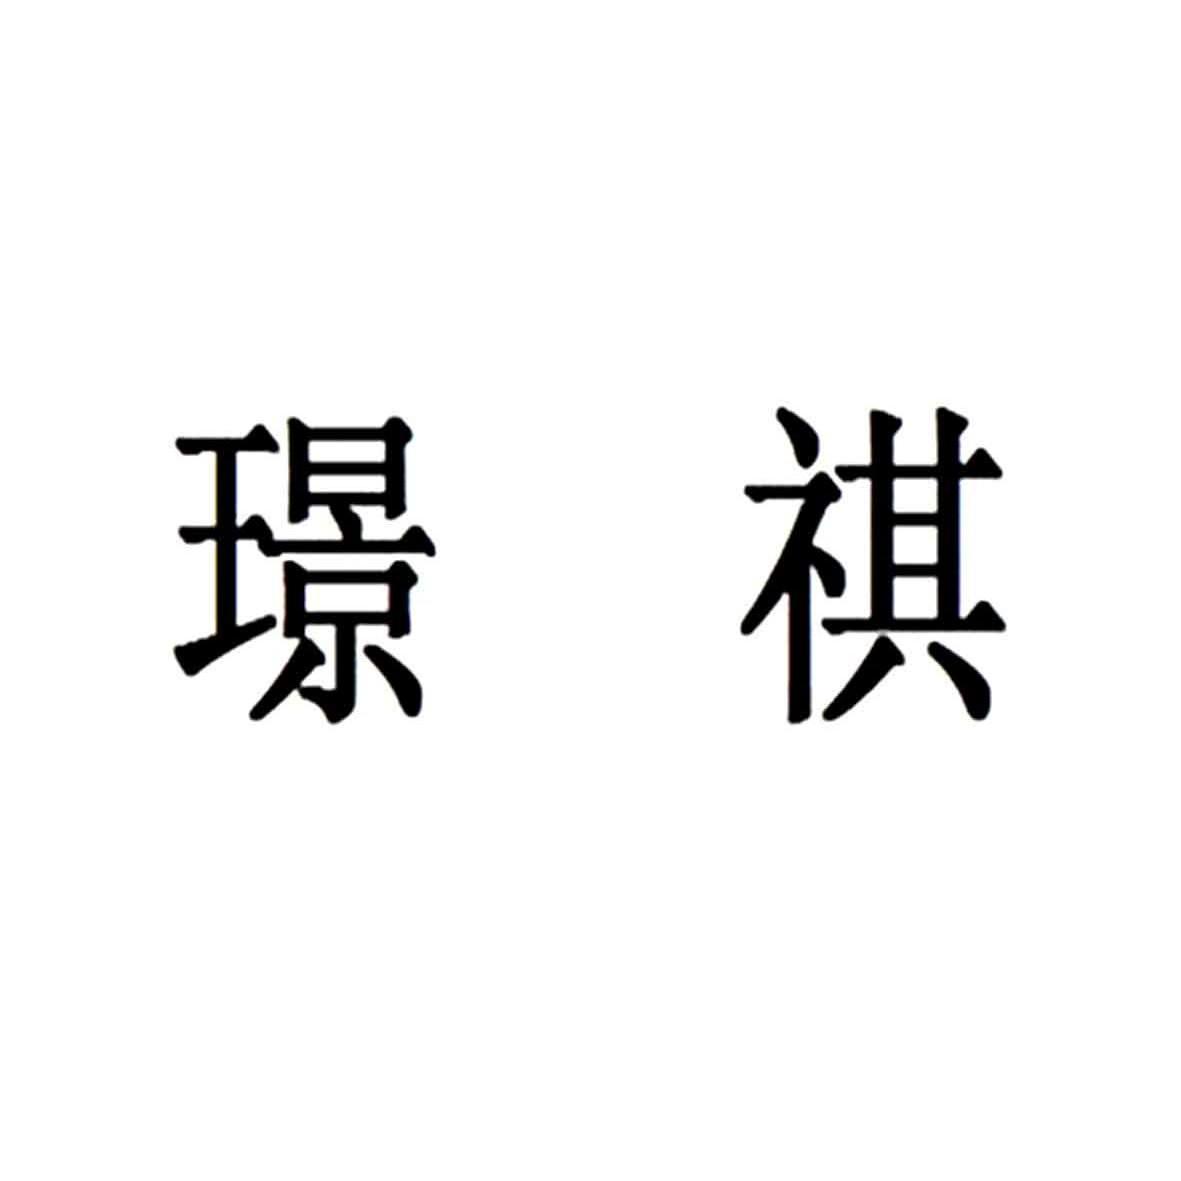 设计 矢量 矢量图 书法 书法作品 素材 1181_1181